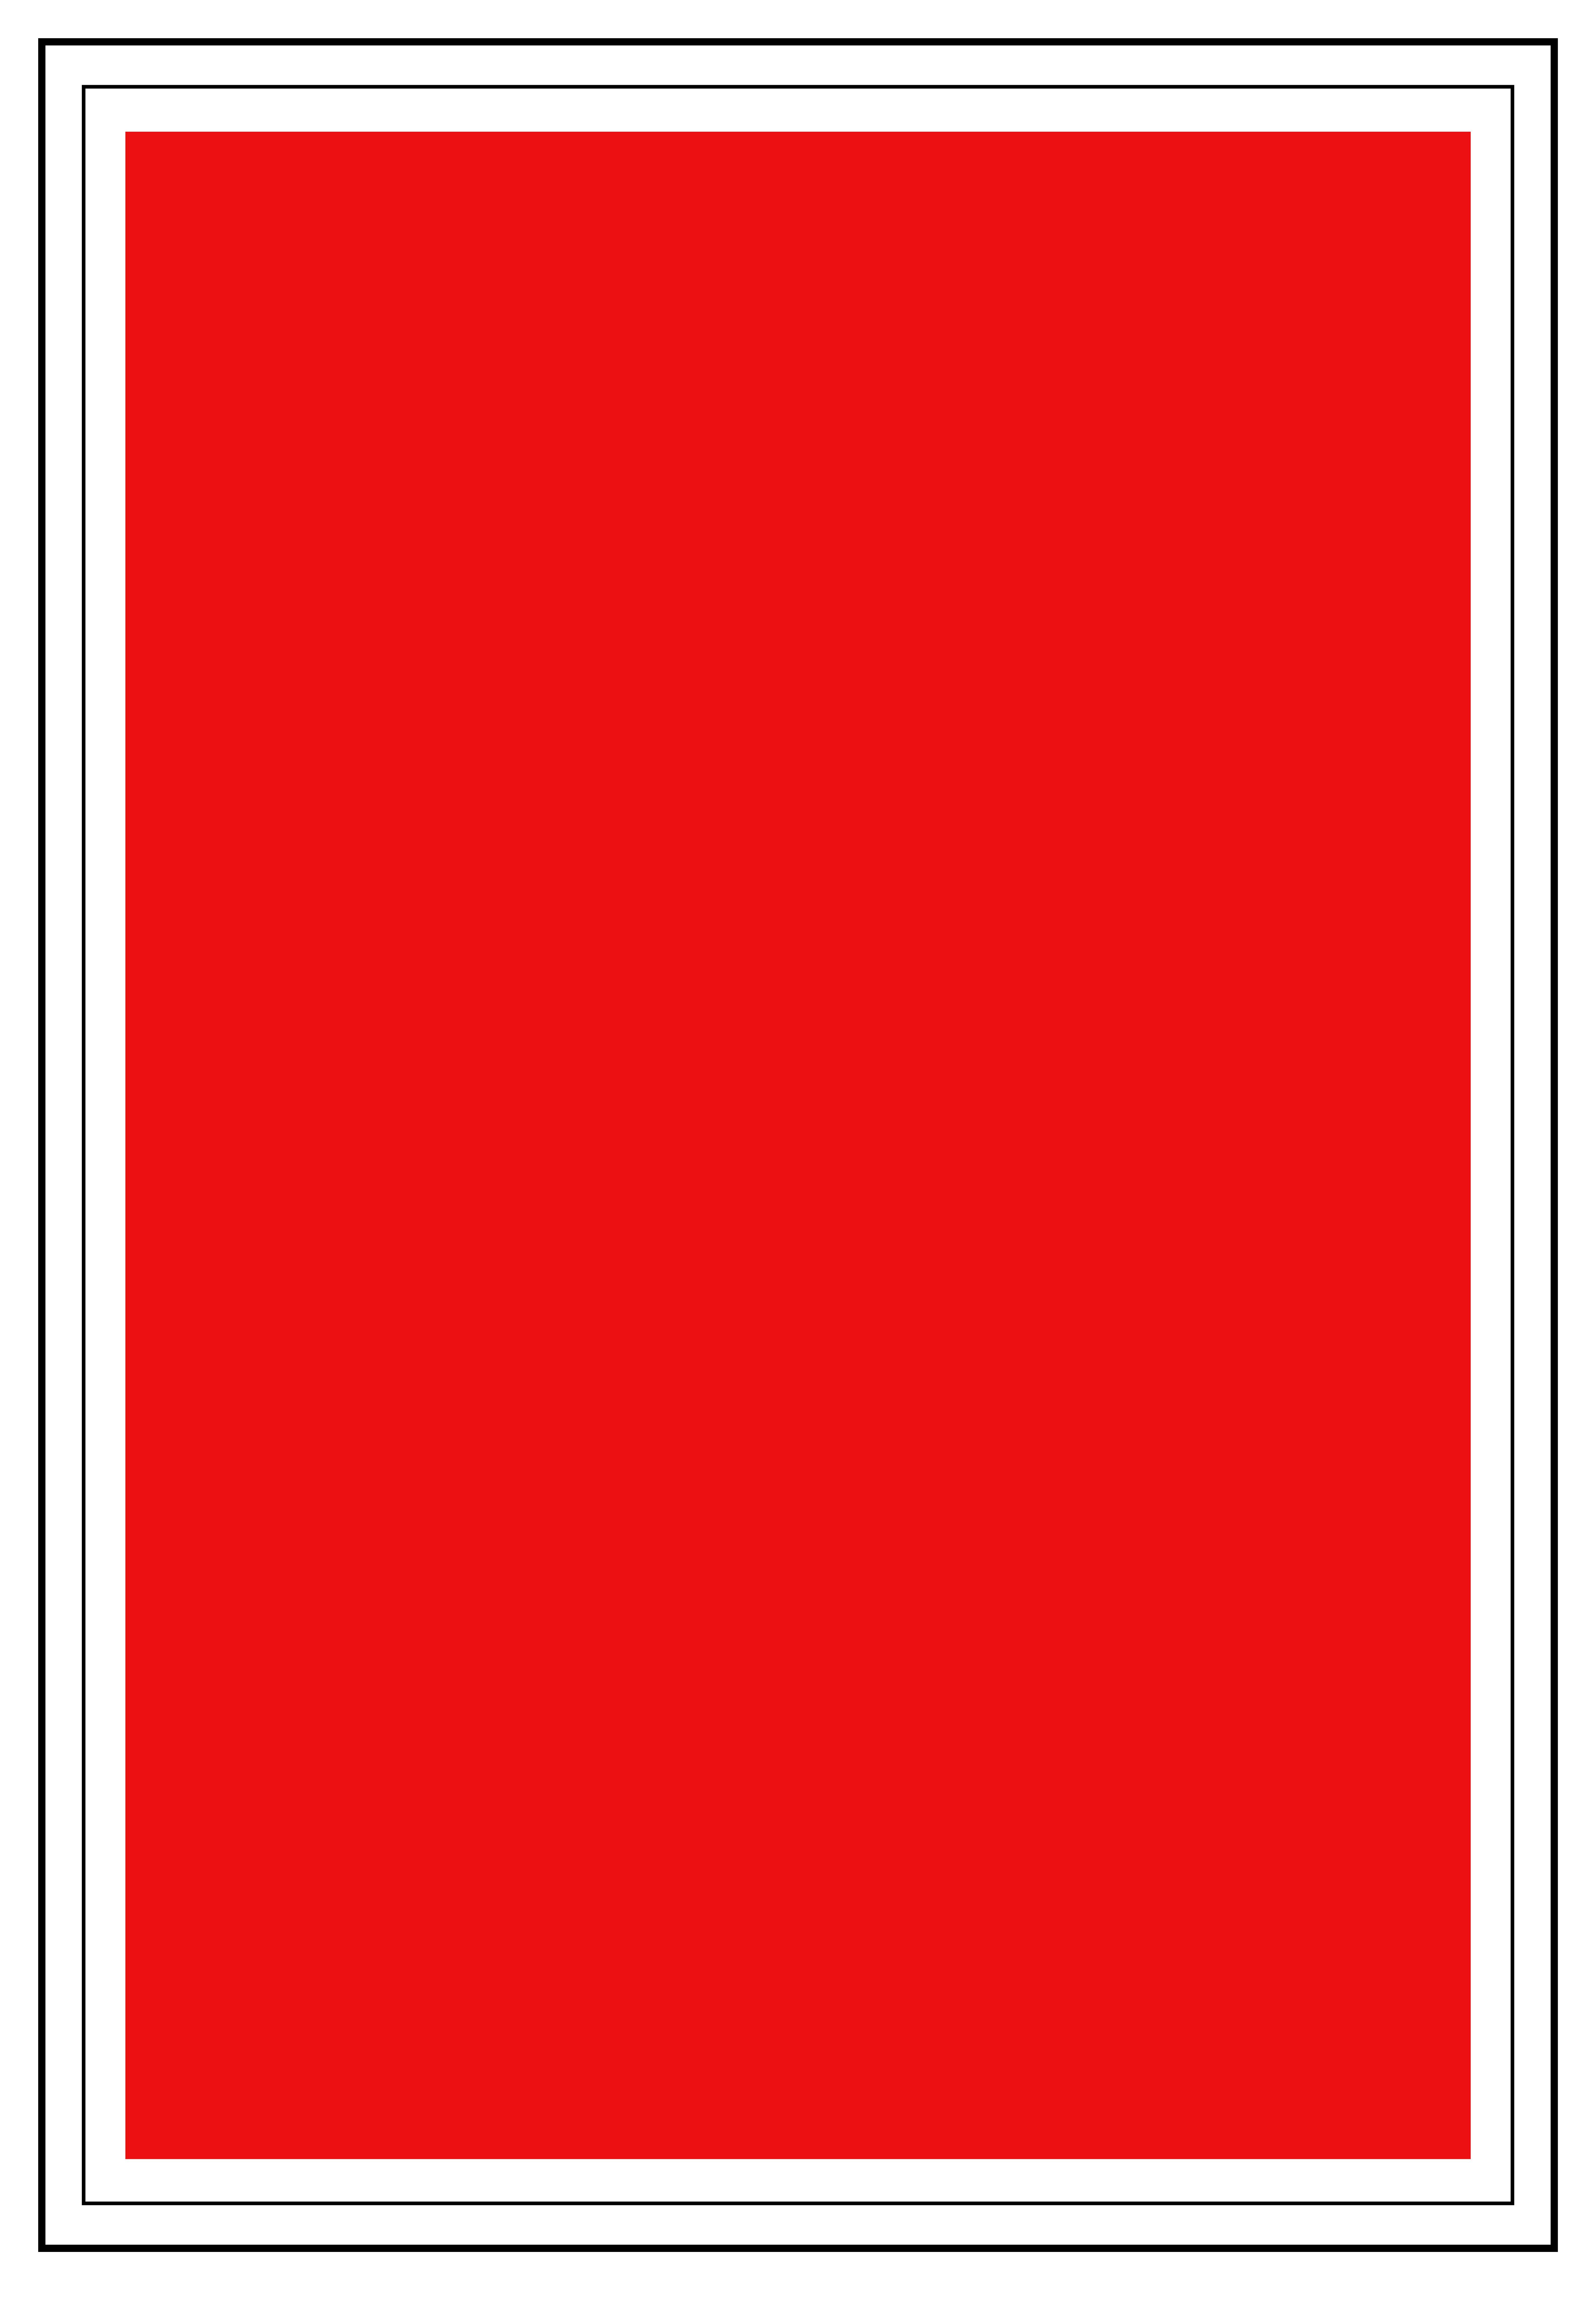 rosso de vilde, rosso pompei